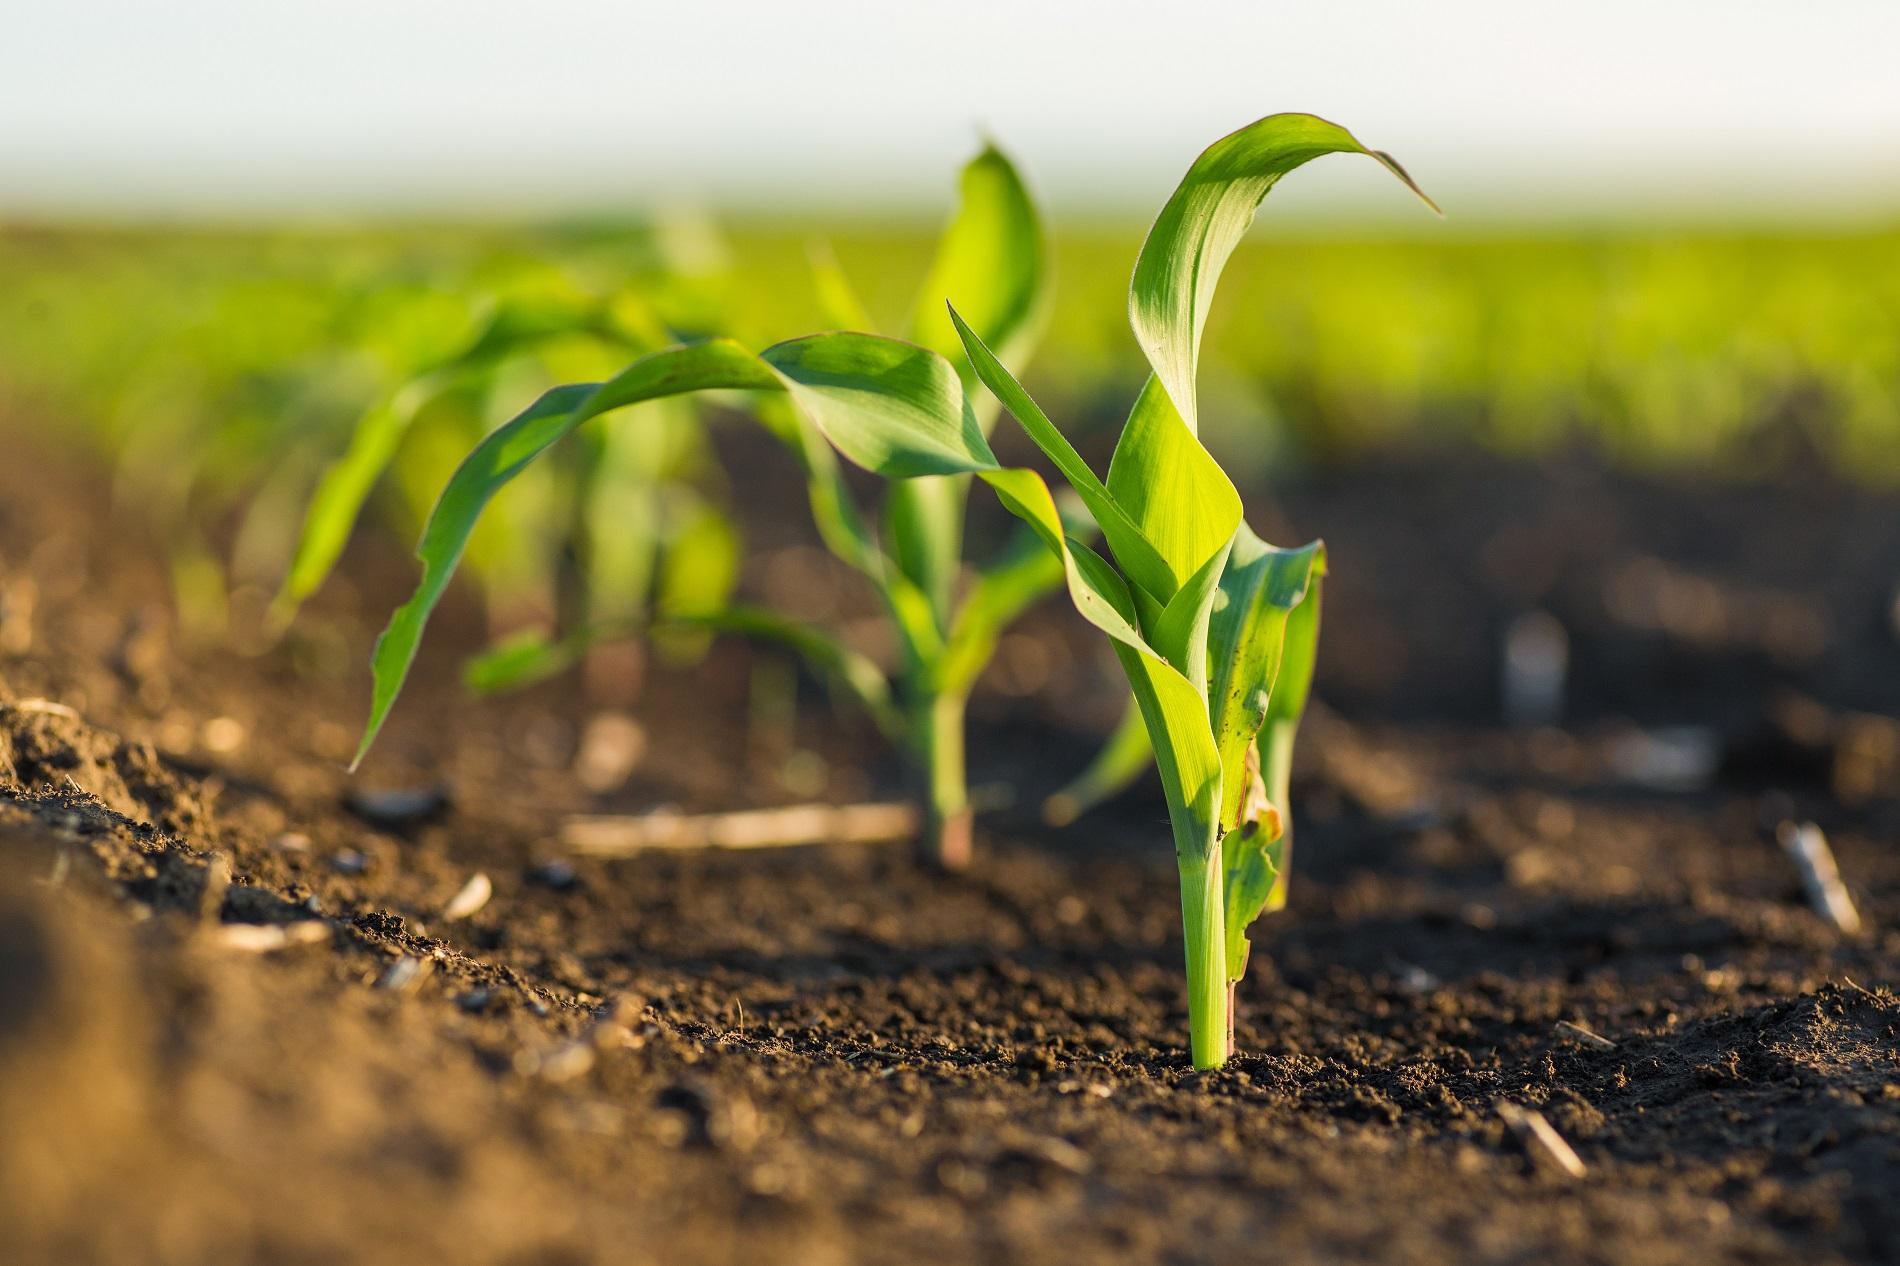 ¿A qué amenazas agrícolas debes prestar una especial atención durante la primavera?